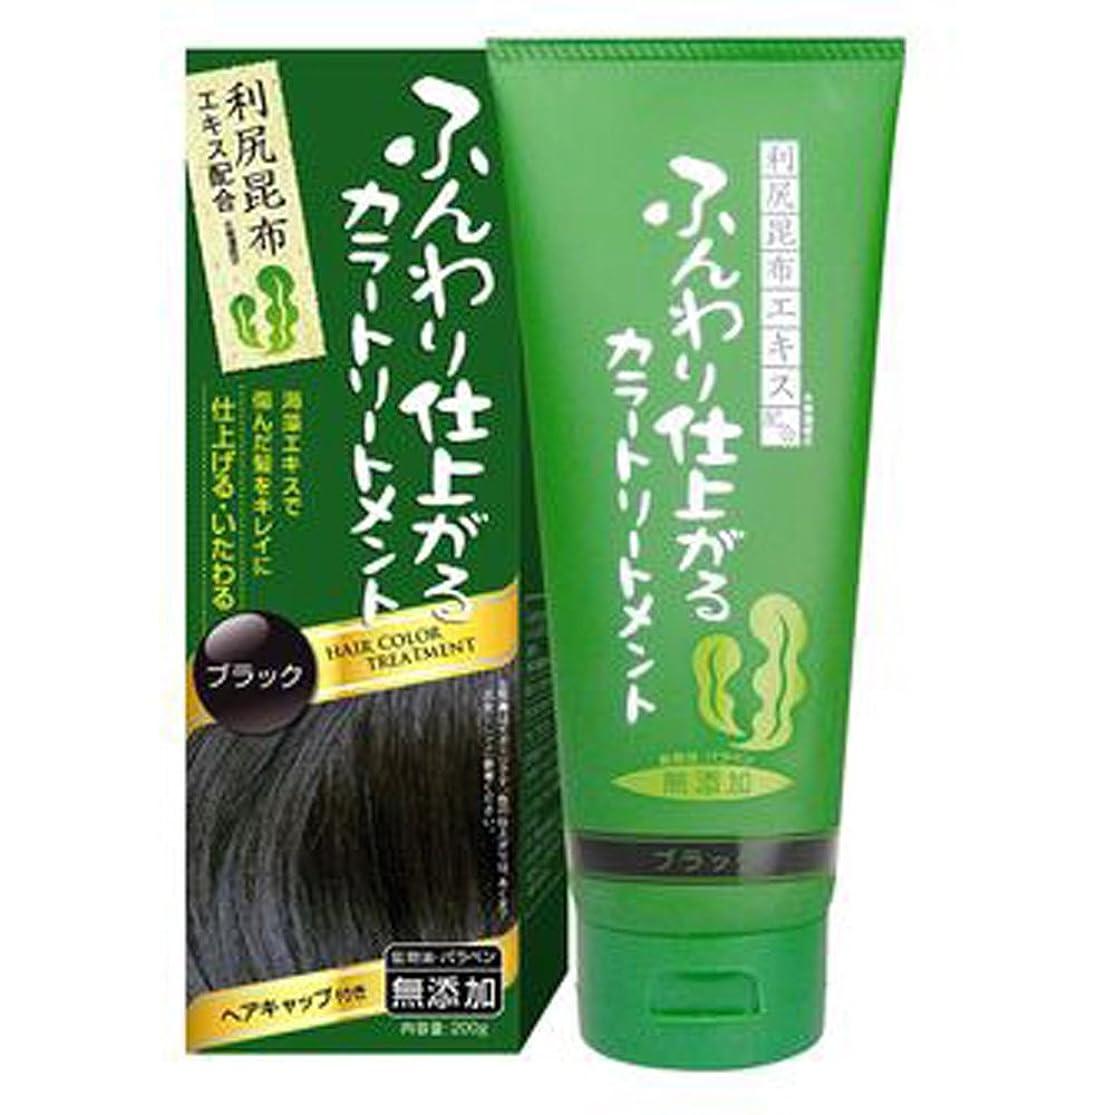 哲学好奇心偏差ふんわり仕上がるカラートリートメント 白髪 染め 保湿 利尻昆布エキス配合 ヘアカラー (200g ブラック) rishiri-haircolor-200g-blk